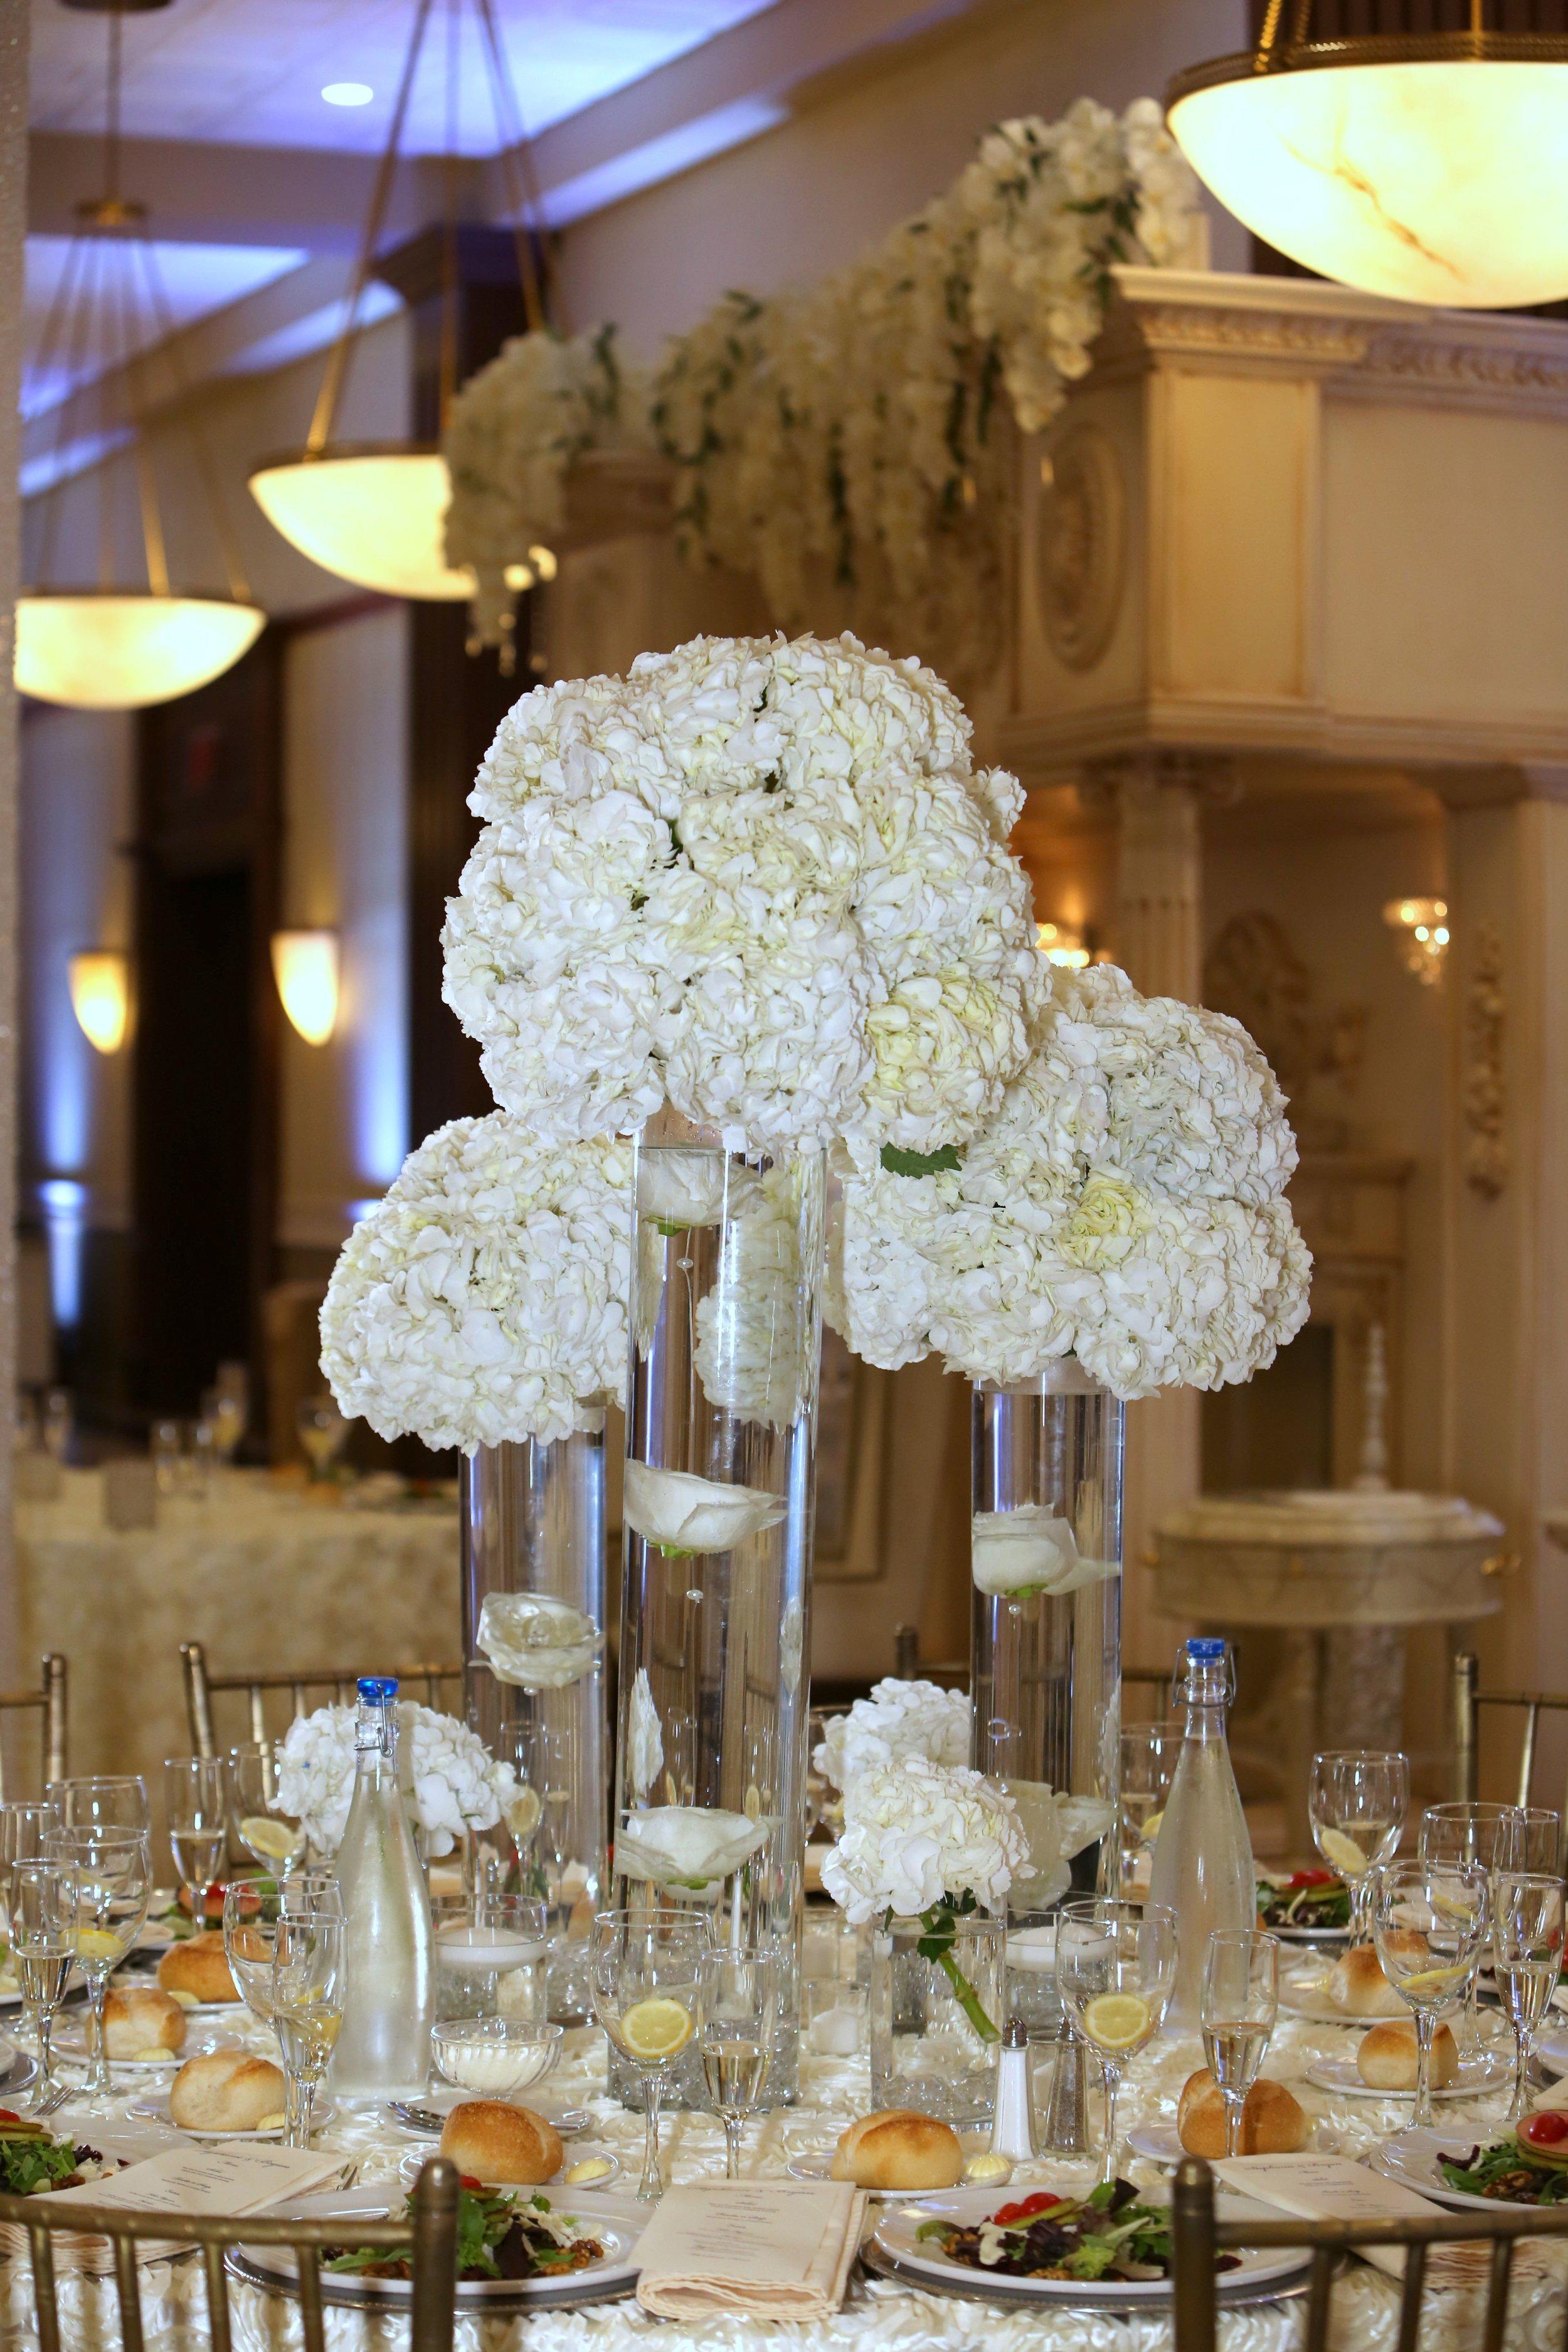 m2-floral-centerpieces-10.jpg